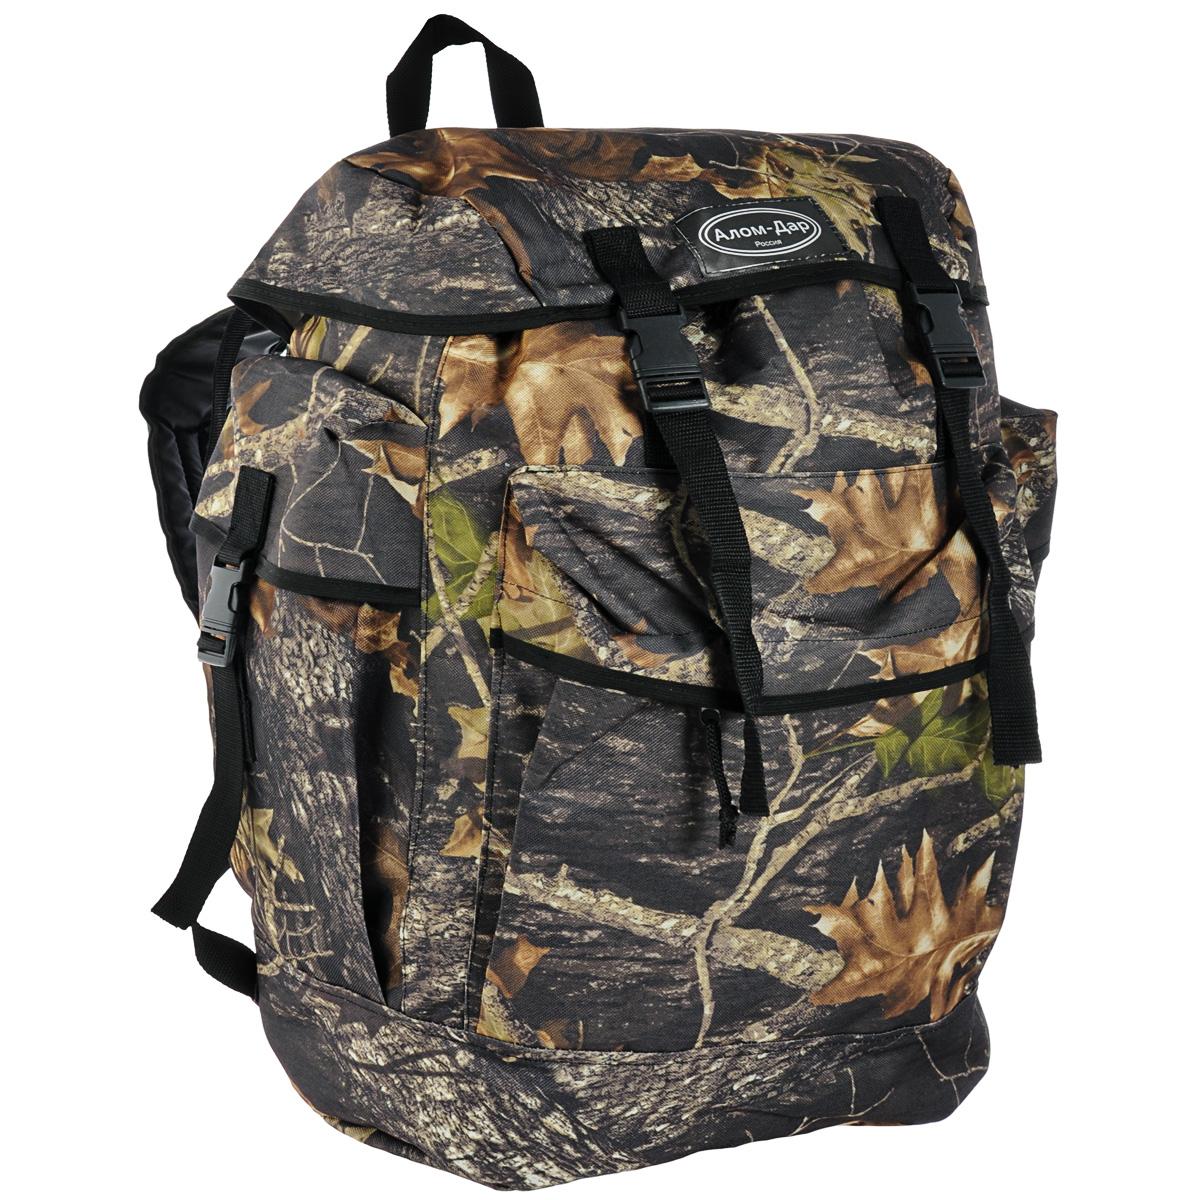 Рюкзак Алом-Дар Трофей, цвет: камуфляж, 50 л7910-050Алом-Дар Трофей - прямоугольный рюкзак в виде ранца. Имеется ручка для переноса. Особенности рюкзака: Спинка рюкзака внутри усилена пеной толщиной 0,7 см. Карман снаружи размером 32 см х 30 см открывается и закрывается с 2-х сторон, закрывается сверху планкой. Горловина рюкзака стягивается шнуром и стопором. 4 компрессионные стяжки (две на крышке рюкзака и две на лямках), которые регулируются по длине лямок. 3 объемных кармана - два по бокам и один снаружи. Боковые карманы размером 15 см х 30 см имеют компрессионную стяжку. Ткань Oxford плотностью 600гр/м2, прорезинена изнутри ПВХ.